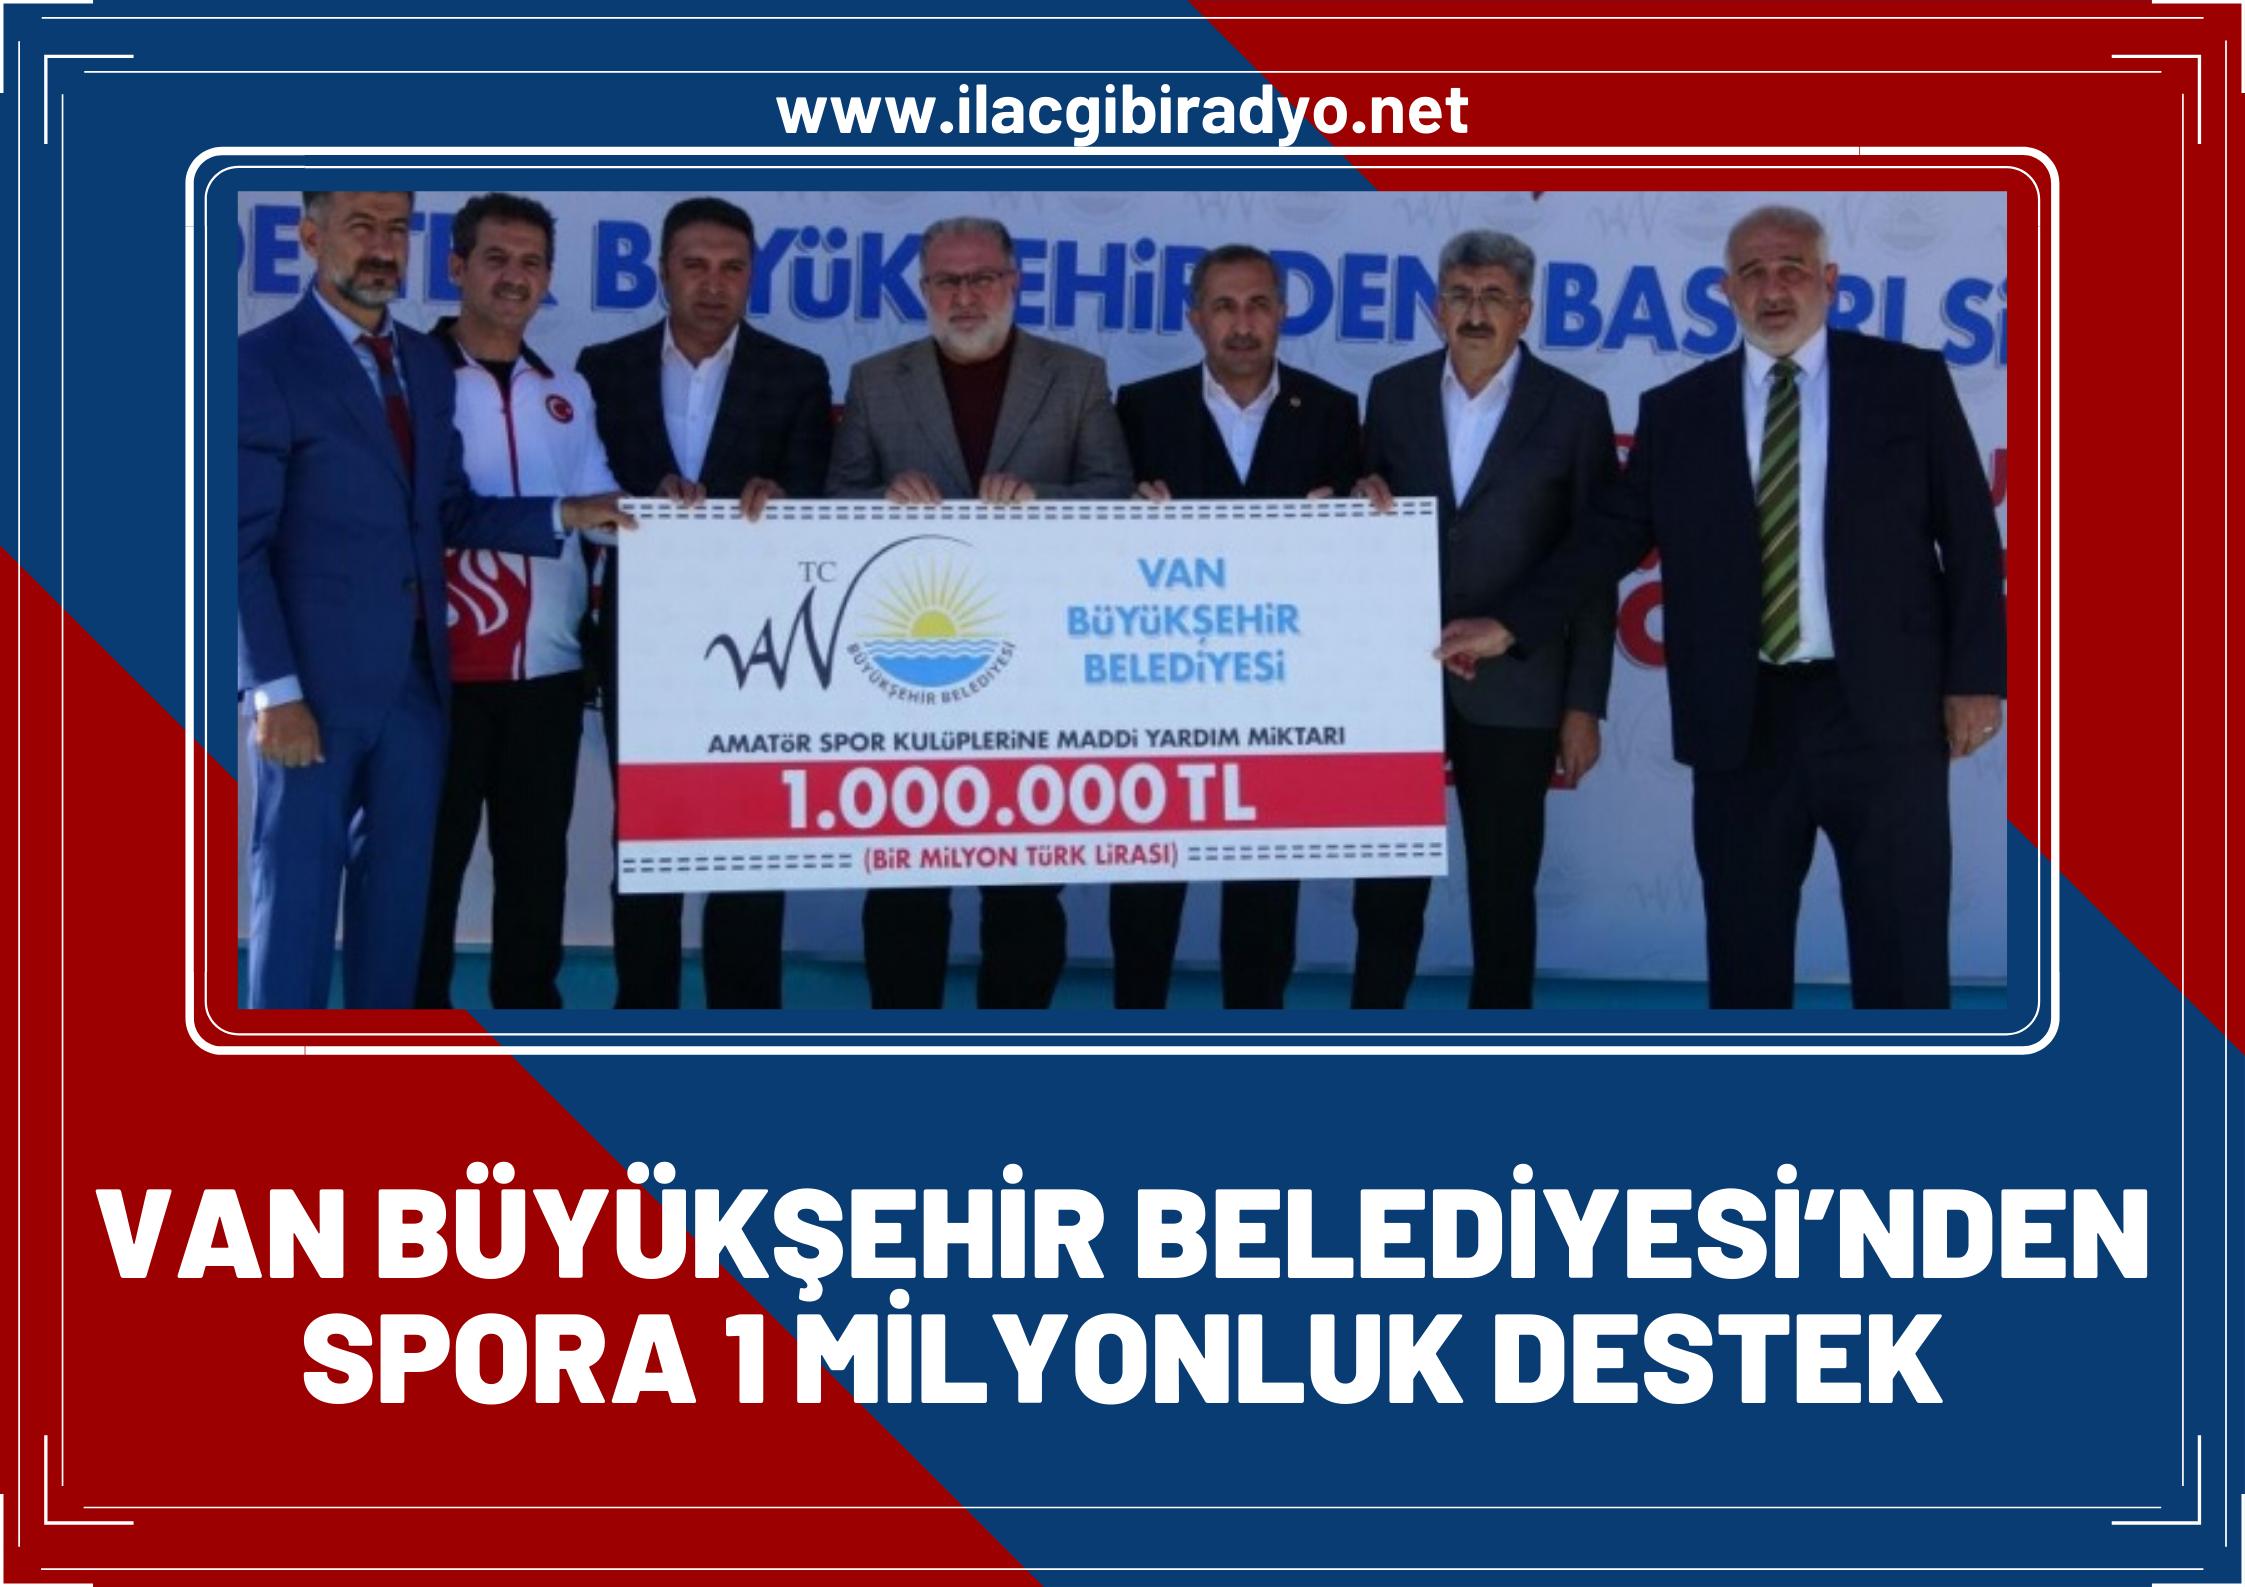 Van Büyükşehir Belediyesi'nden spora 1 milyonluk destek!